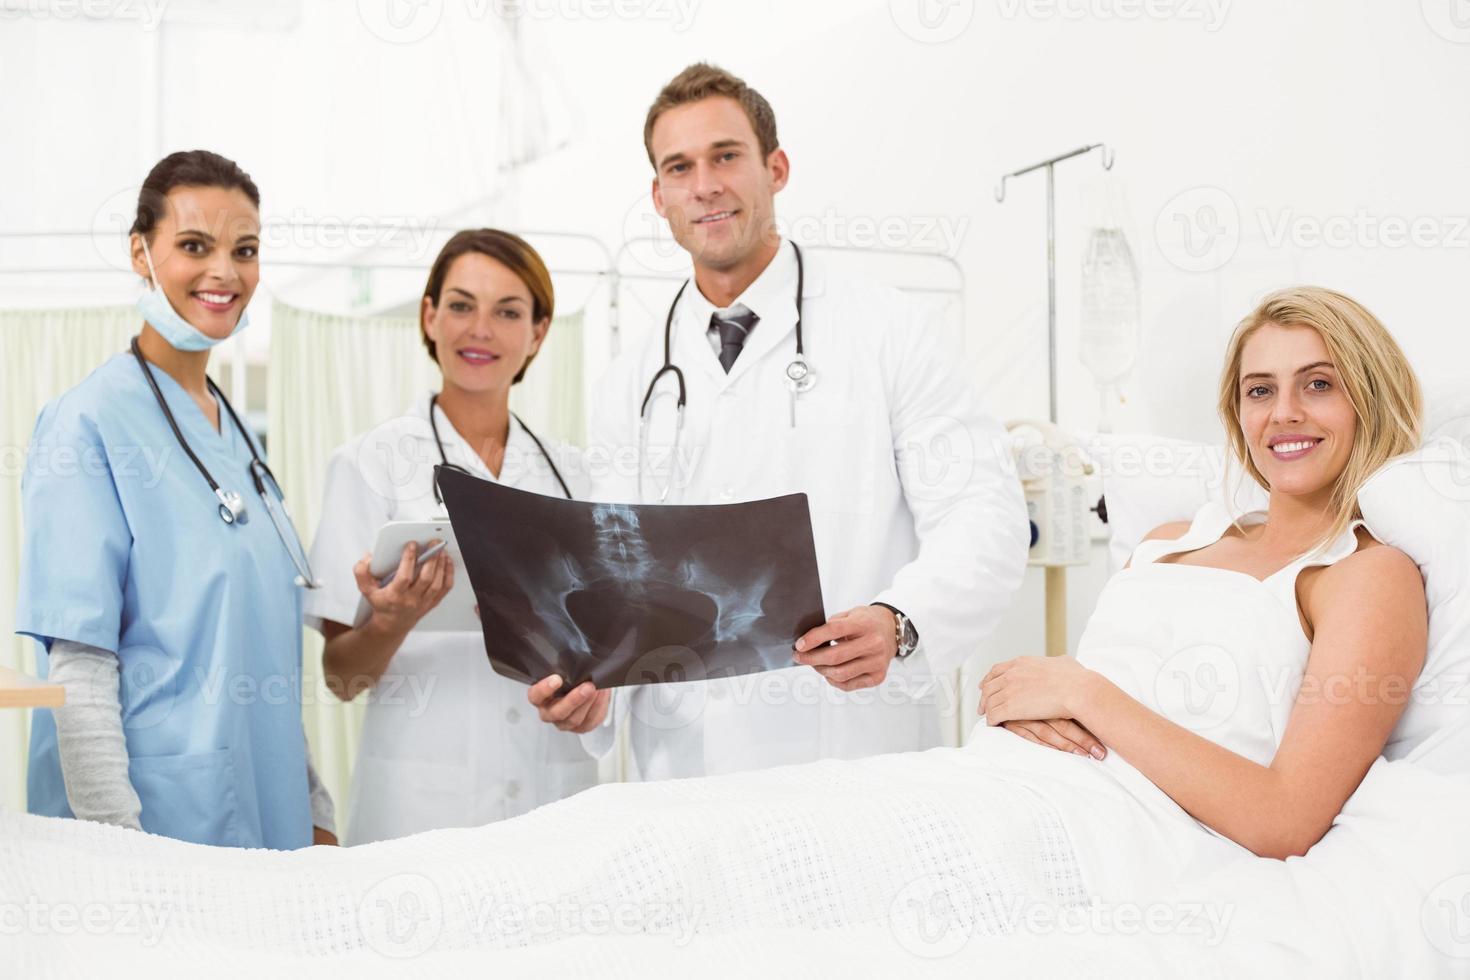 Porträt von Ärzten und Patienten mit Röntgen foto